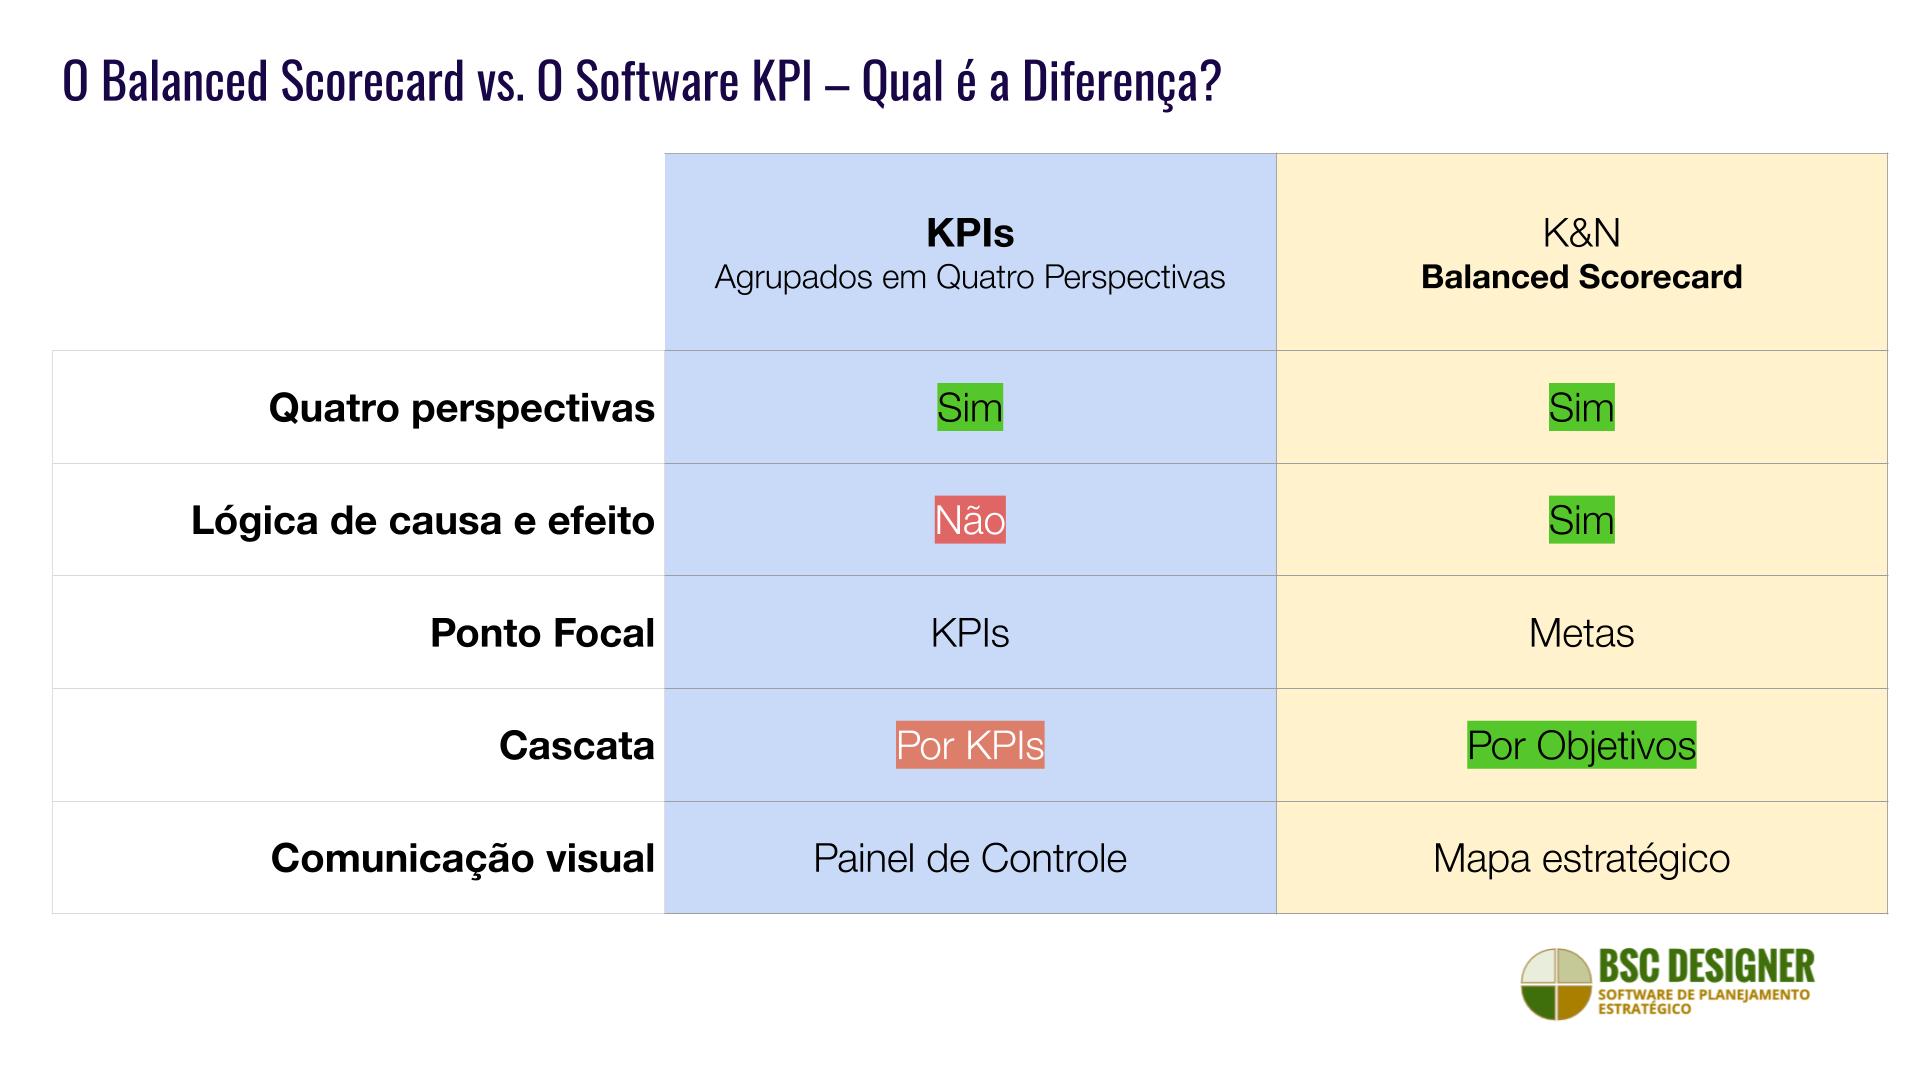 Software para K&N Balanced Scorecard em comparação com o software para KPIs